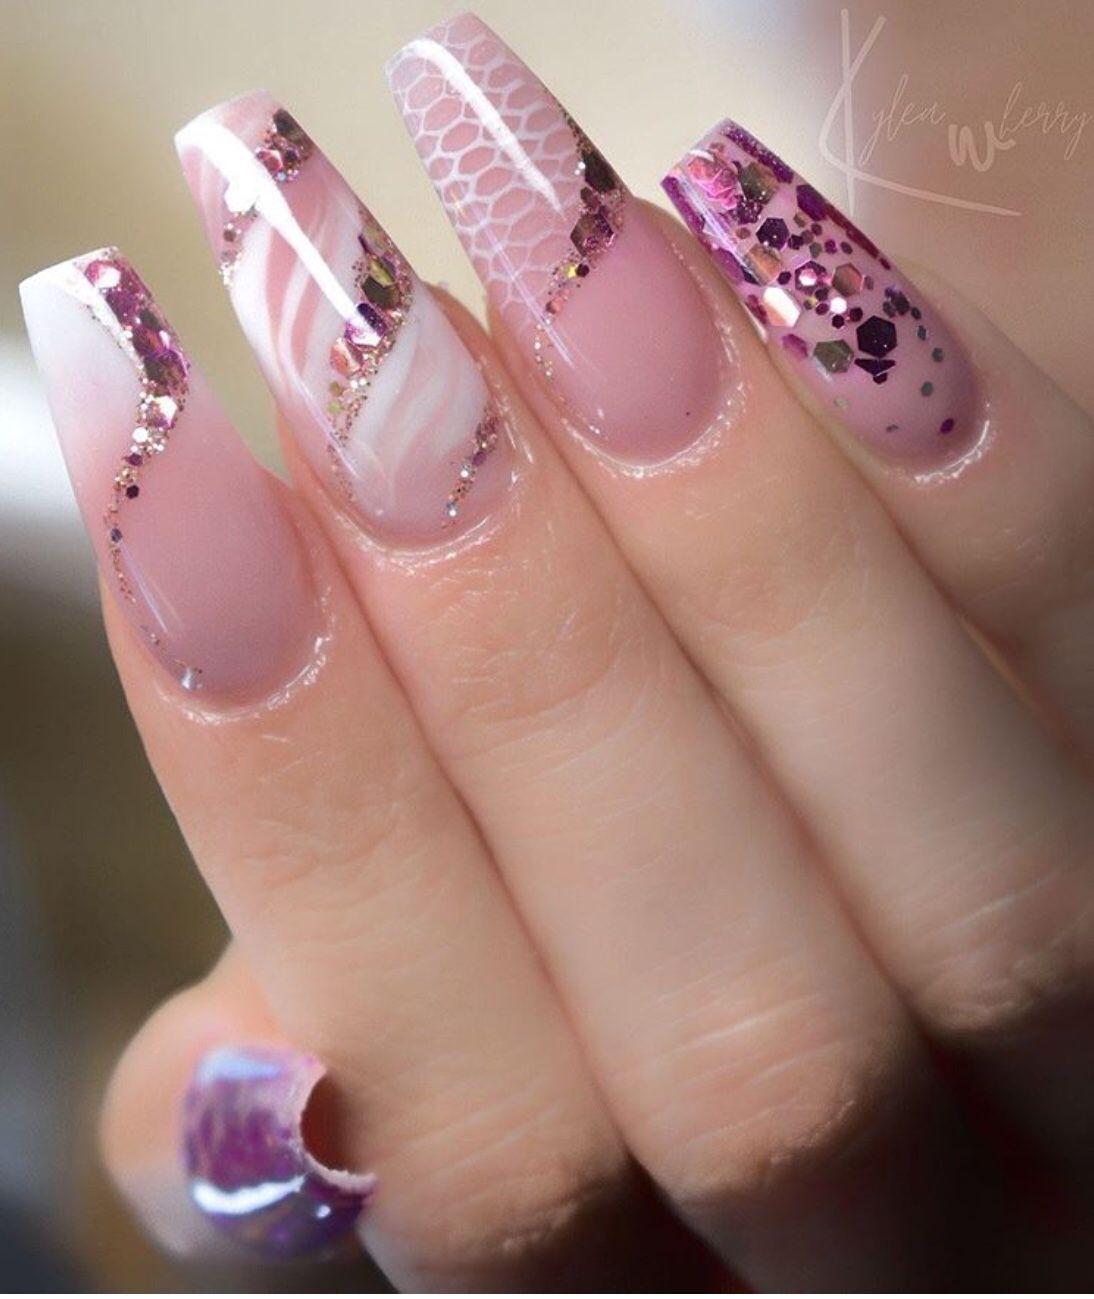 Nagel ontwerp   Nagel inspiratie   Nagel ideeën   Nagellak   Acryl   Manicure ….